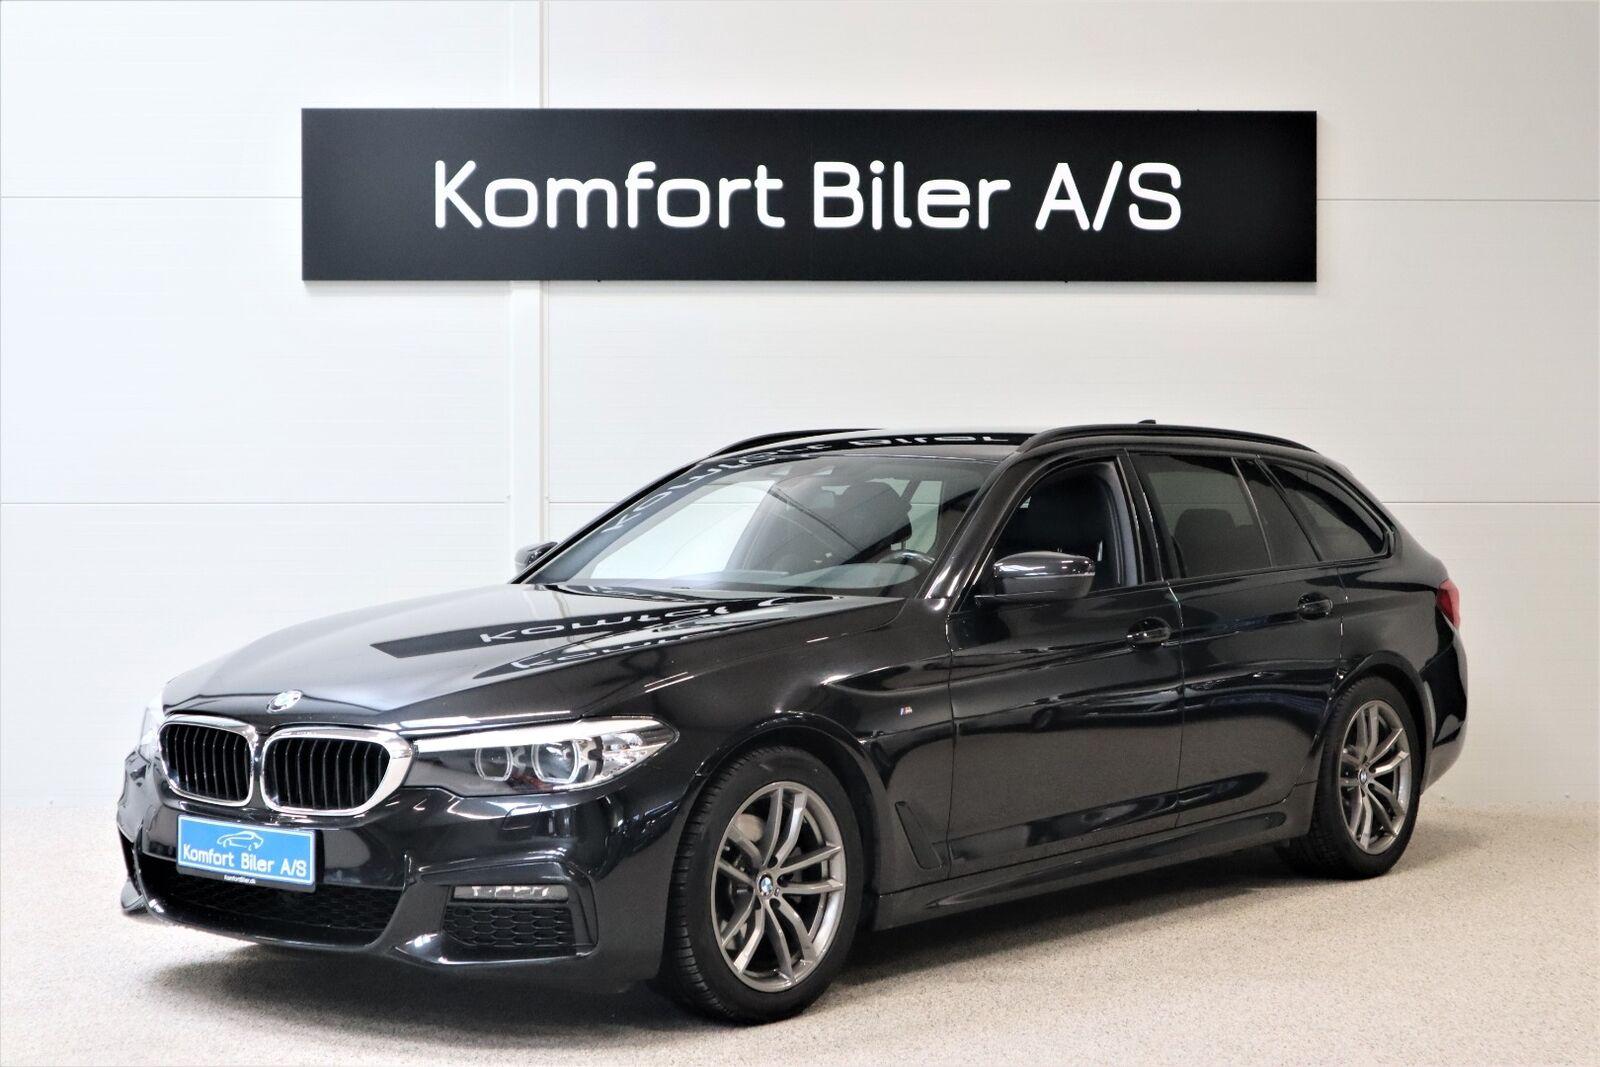 BMW 520i 2,0 Touring M-Sport aut. 5d - 429.900 kr.